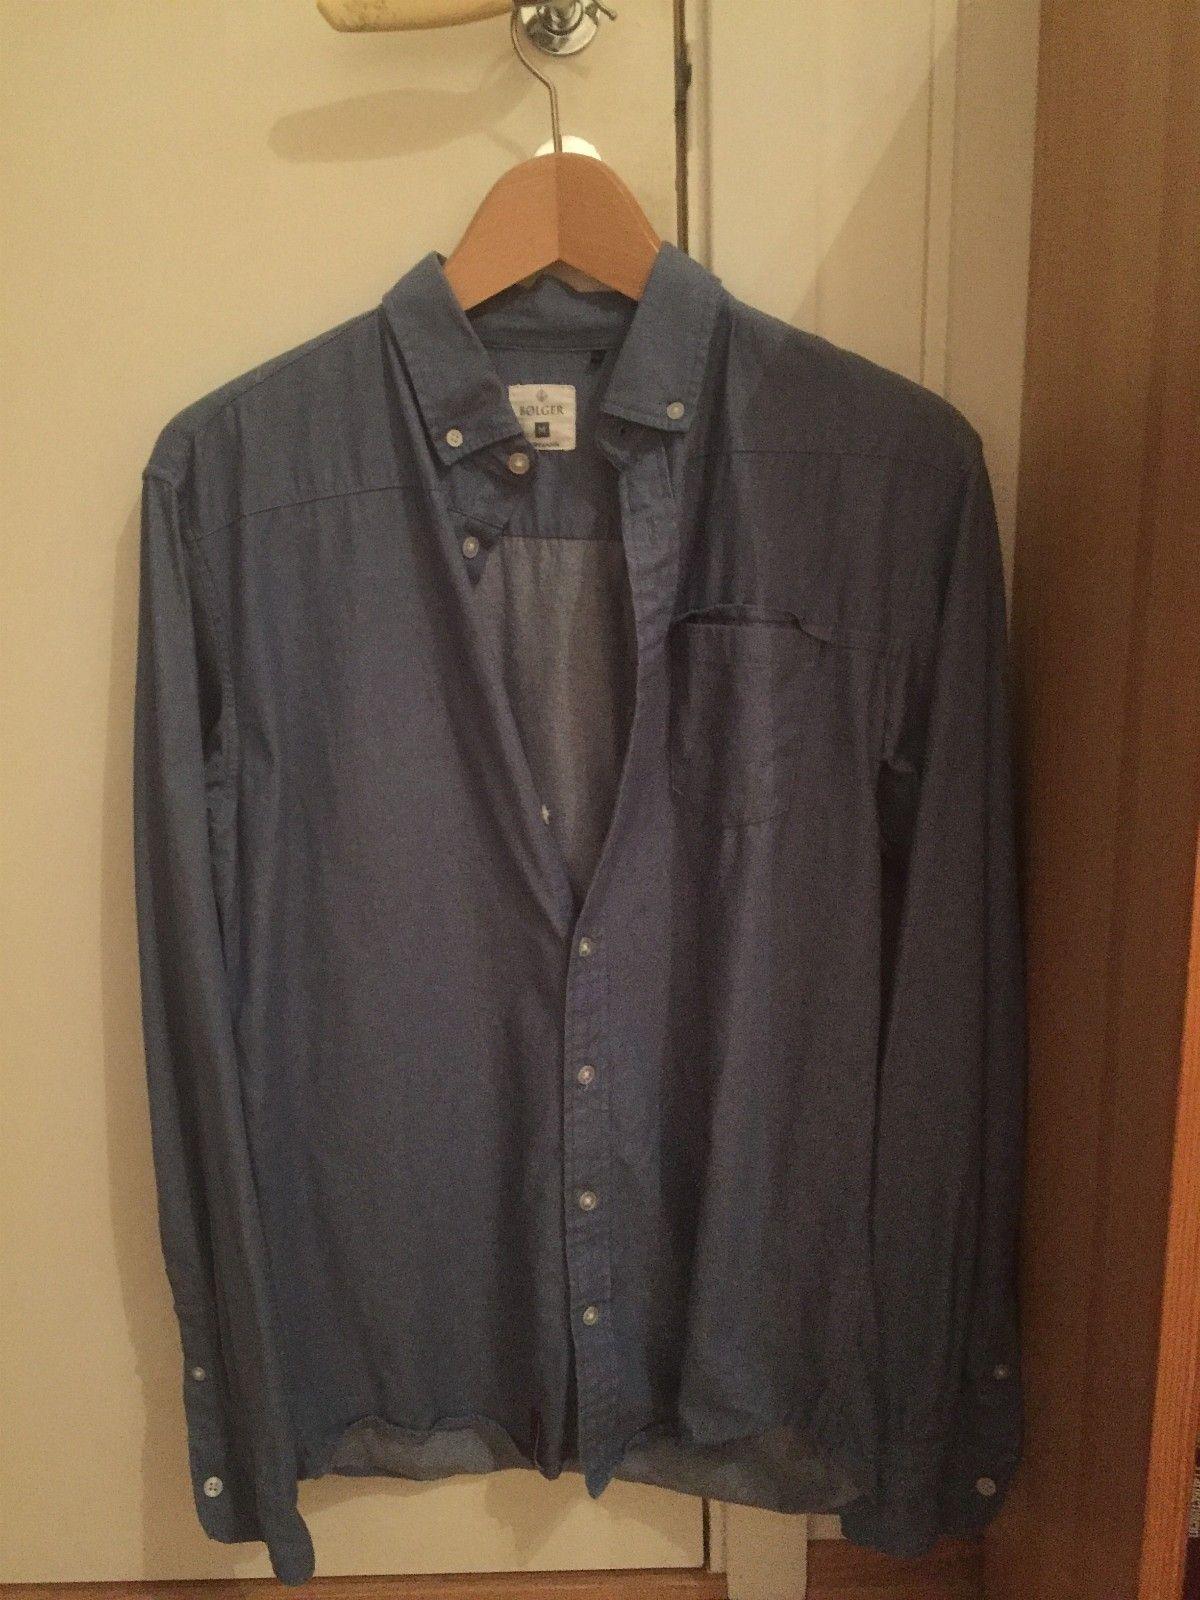 Bølger skjorte til salg | FINN.no